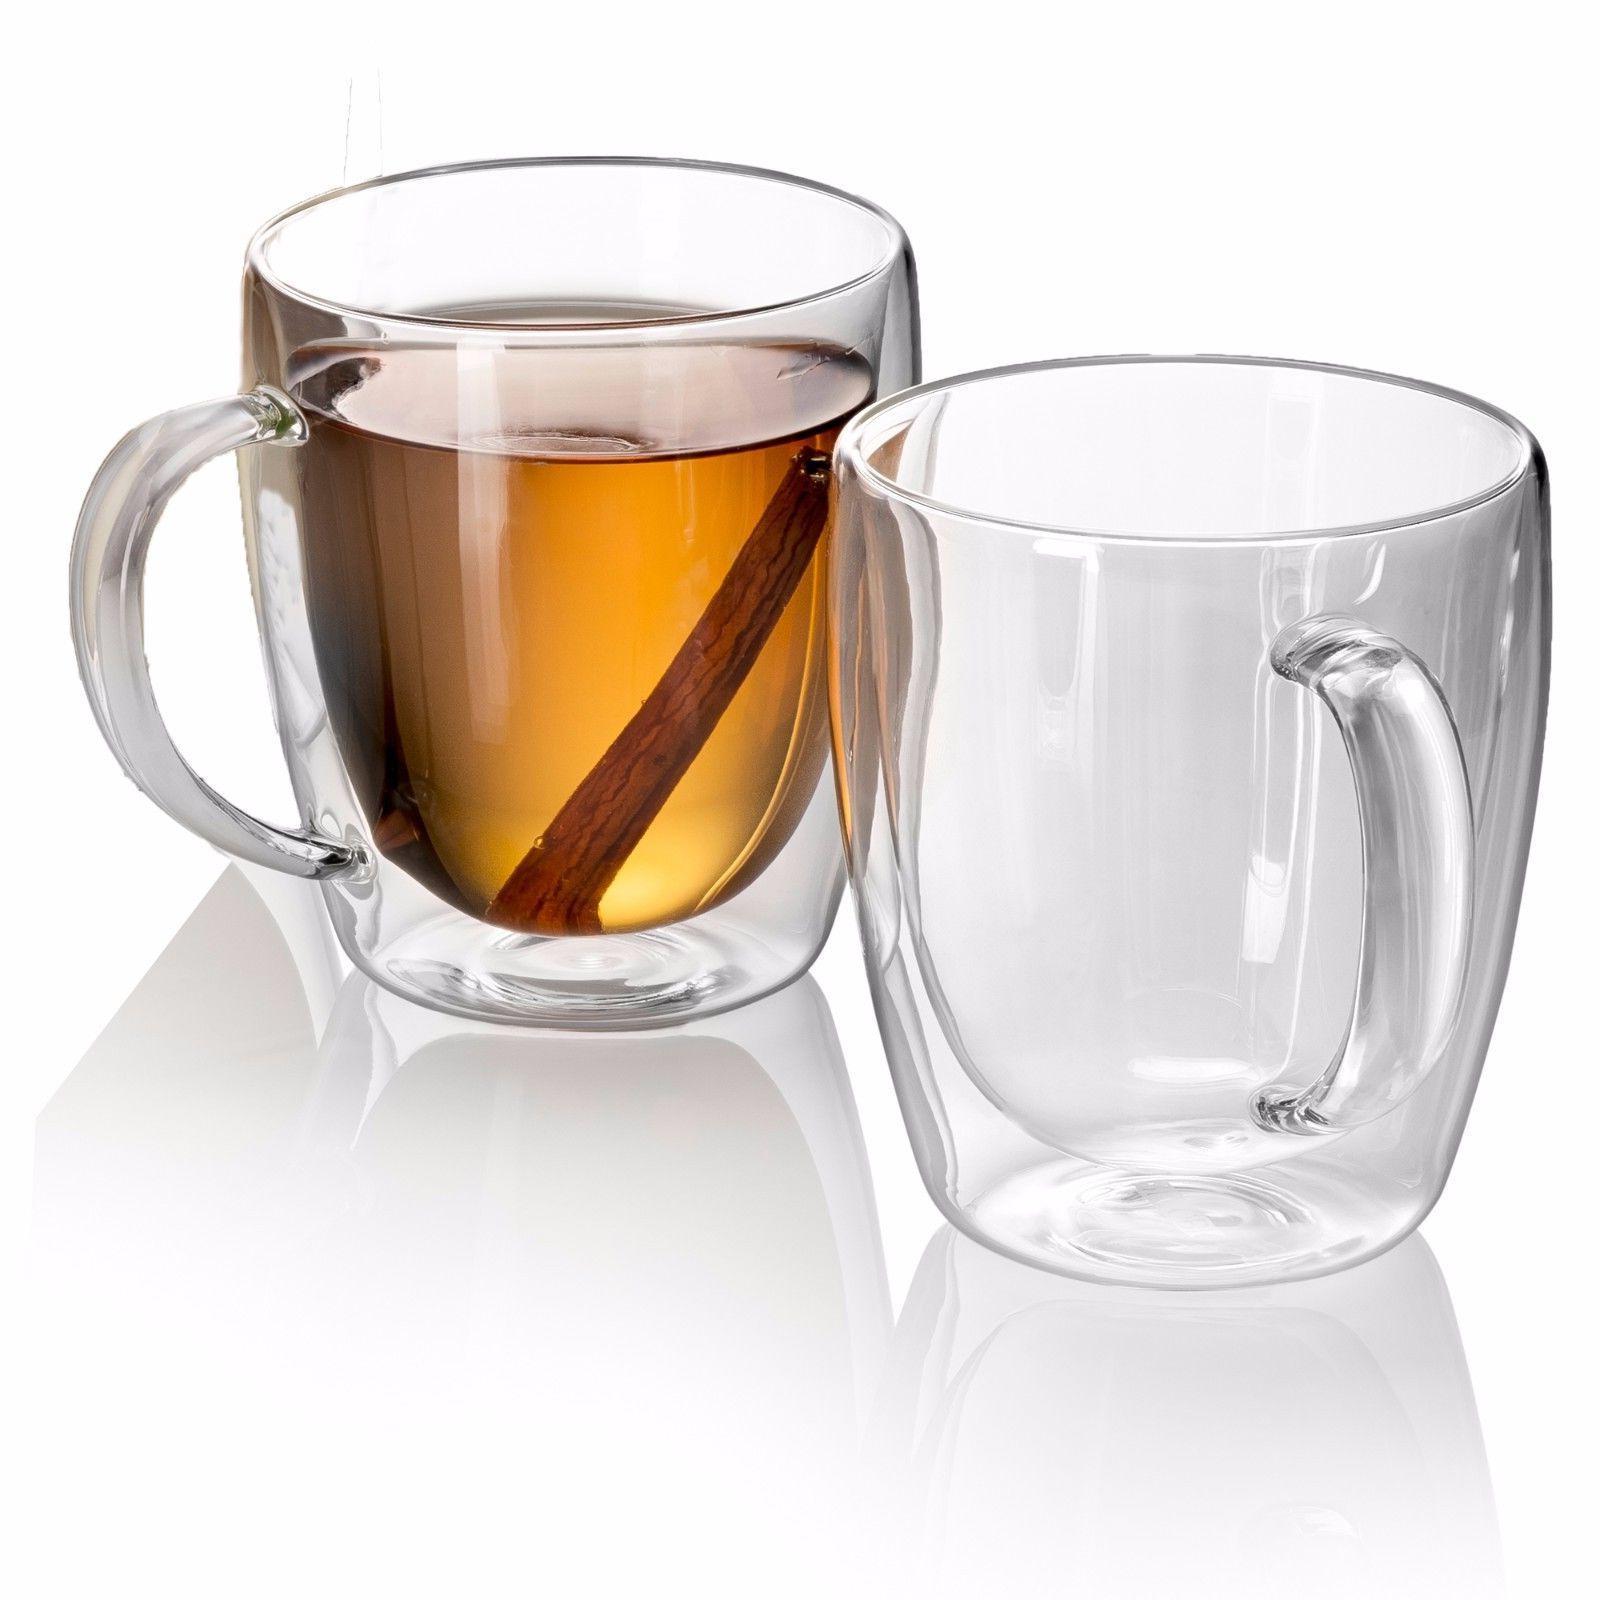 Set Clear Glass Coffee Mug Espresso Cup 10 oz